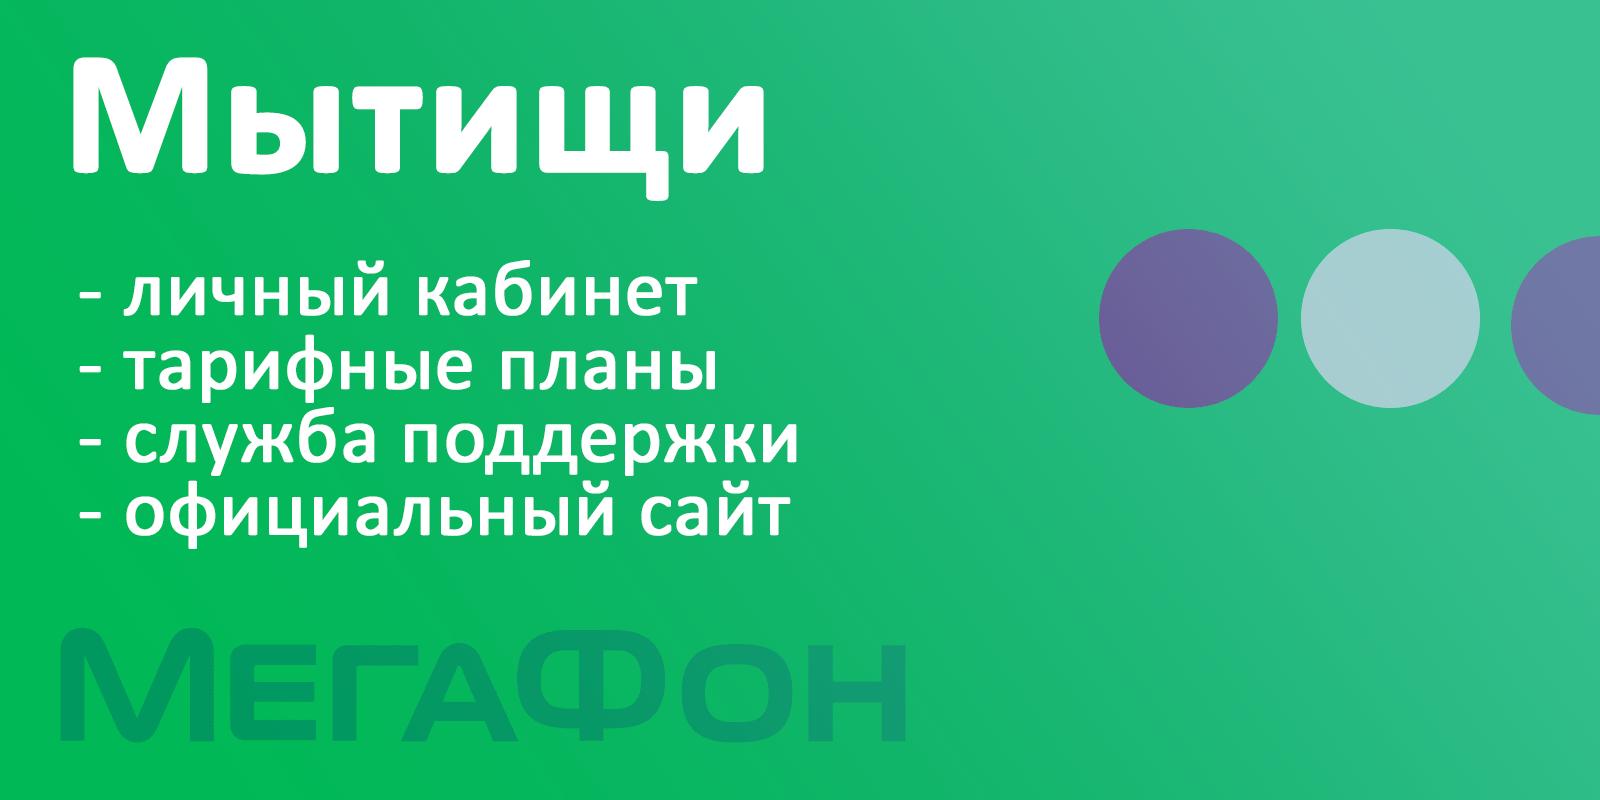 Мегафон Мытищи официальный сайт, горячая линия, личный кабинет